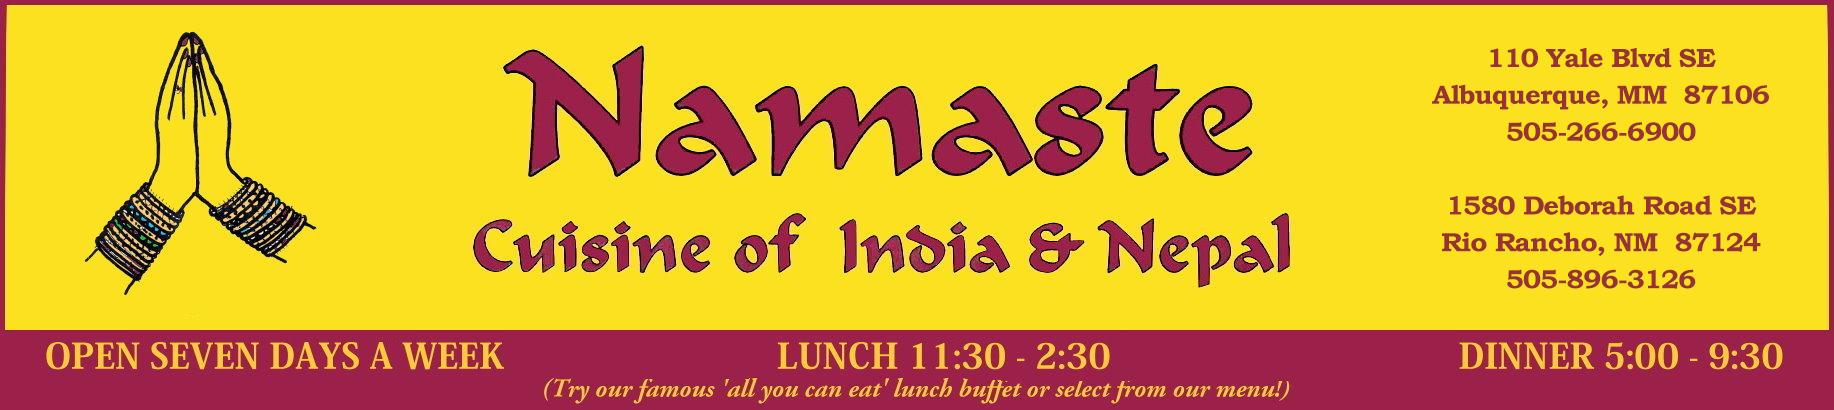 Namaste Restaurant